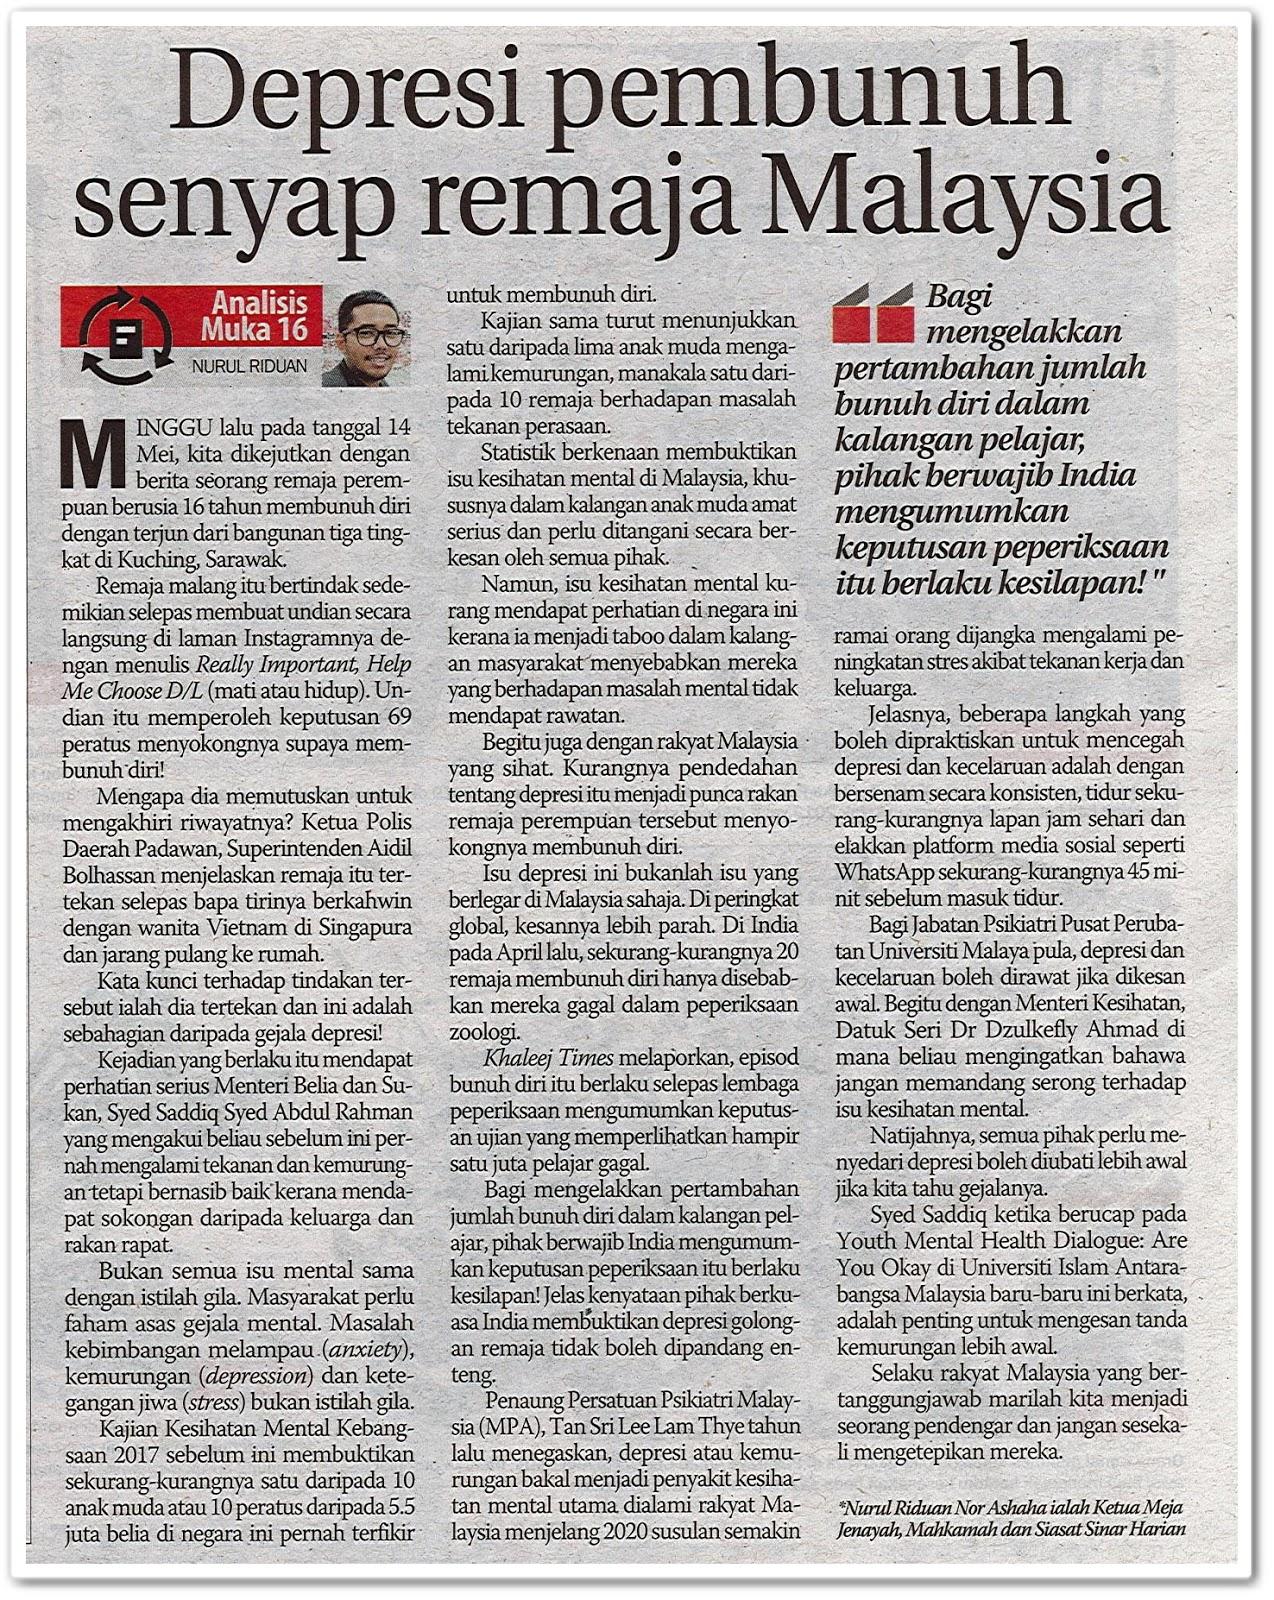 Depresi pembunuh senyap remaja Malaysia - Keratan akhbar Sinar Harian 21 Mei 2019